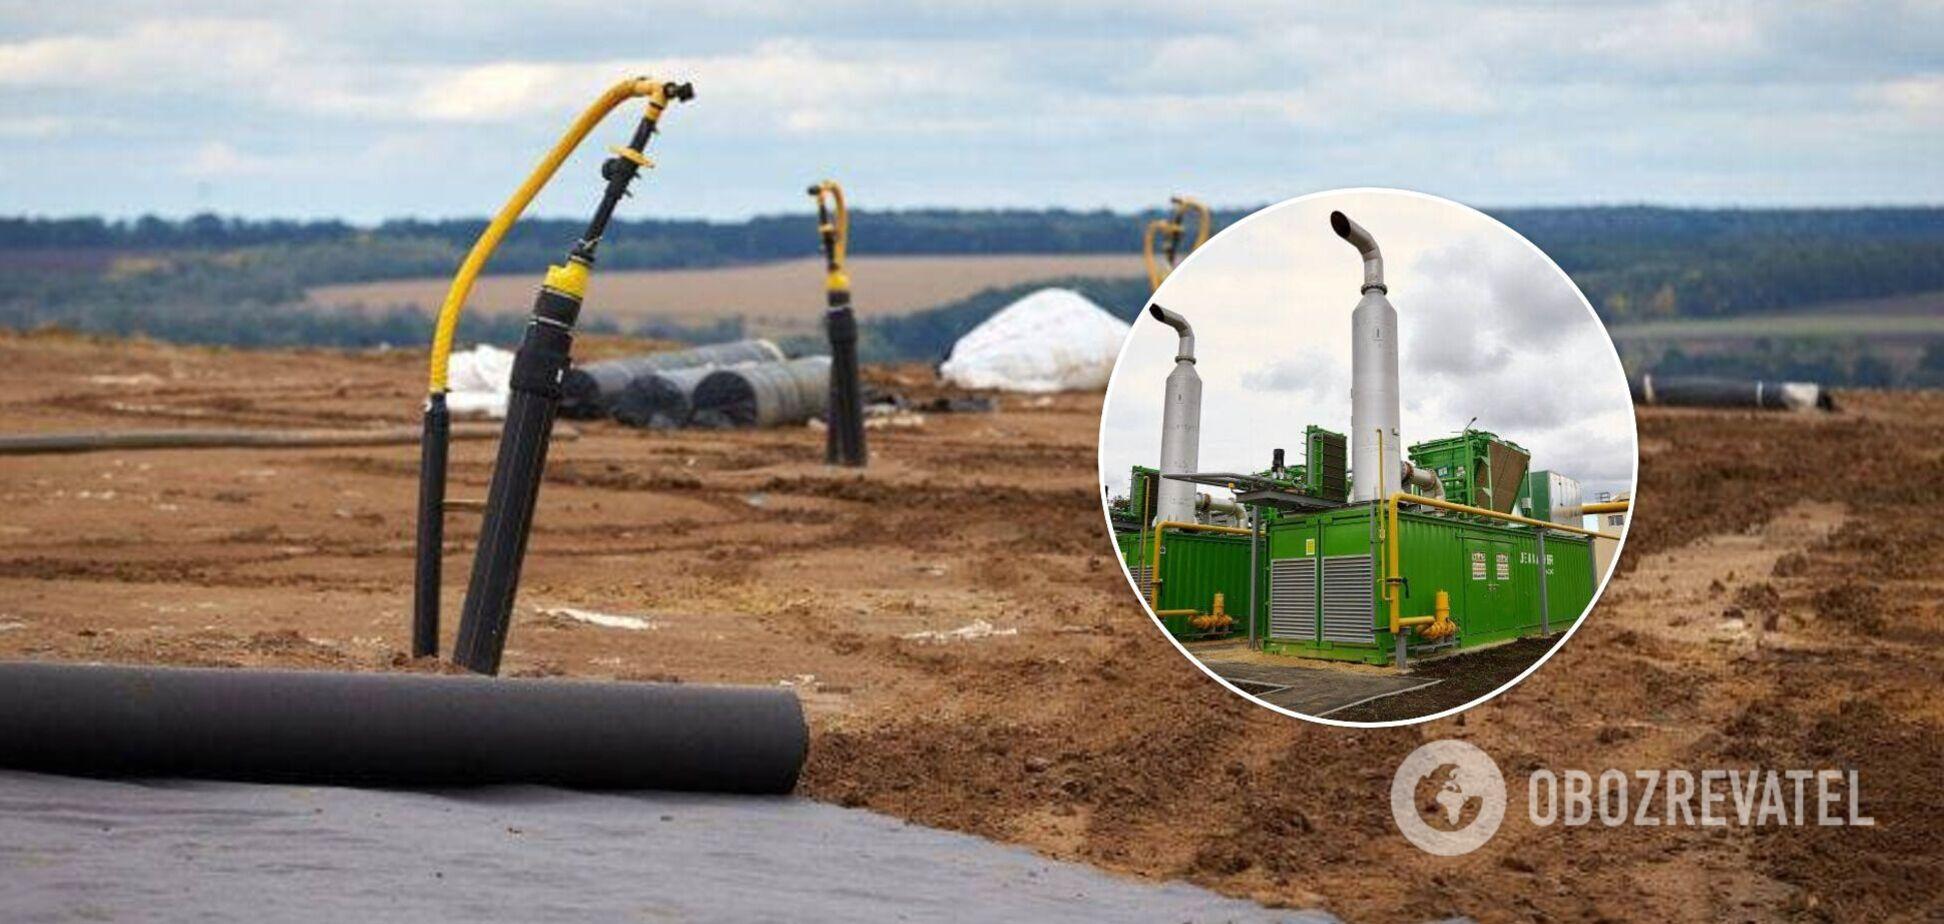 Під Харковом відкриють перший в Україні сміттєпереробний комплекс